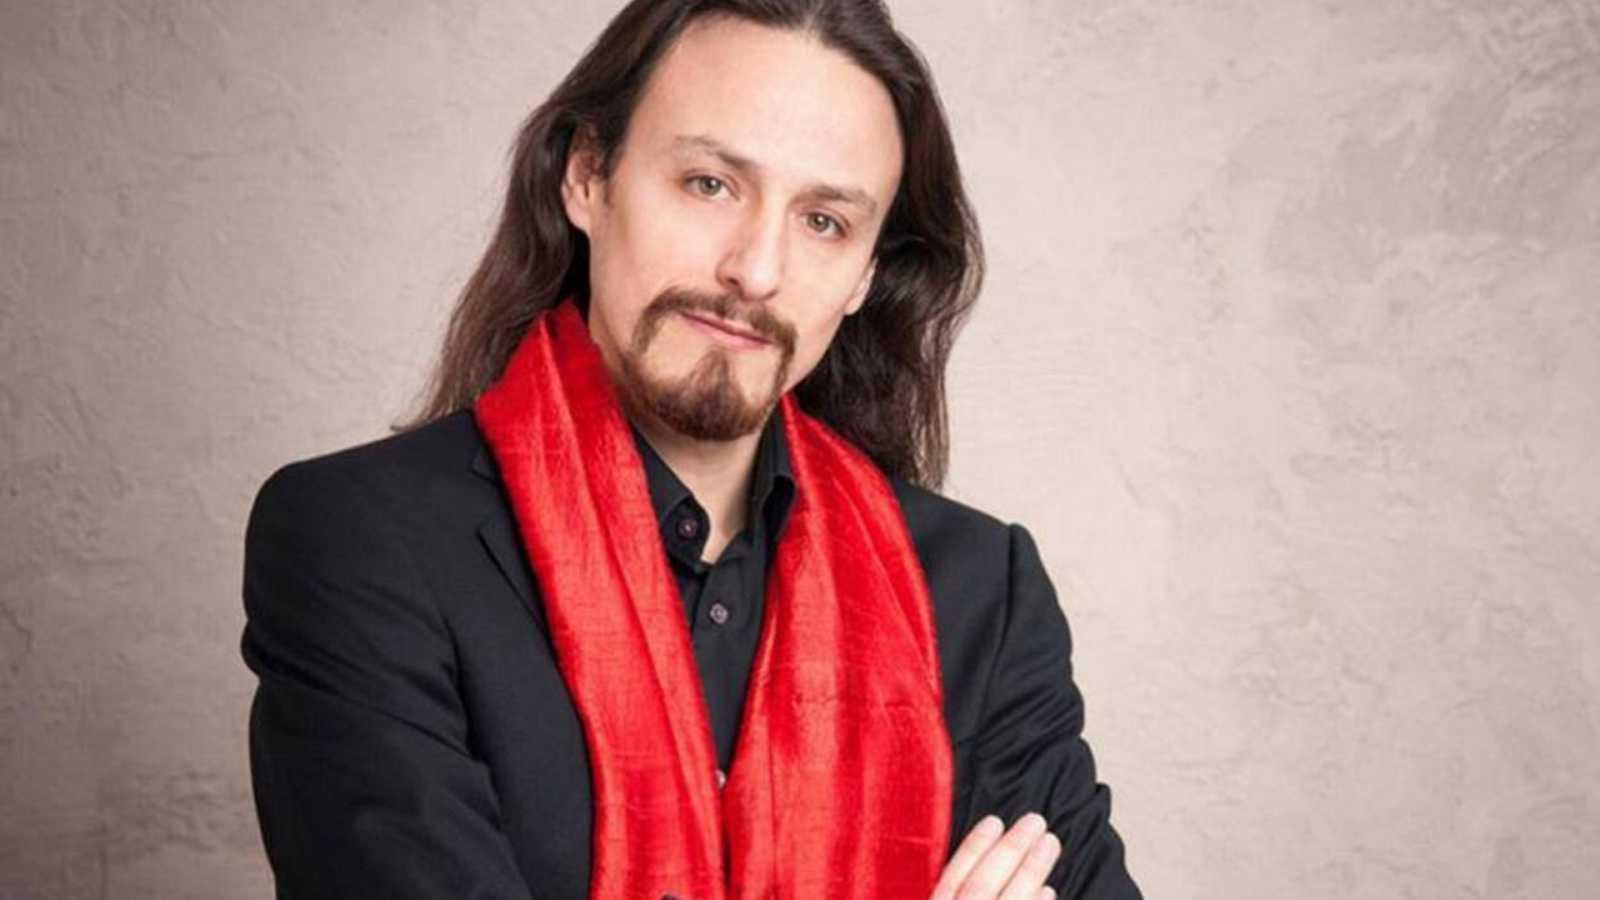 De vuelta - Idioma musical - El contratenor valenciano José Hernández Pastor invita a volar con su gregoriano - Escuchar ahora